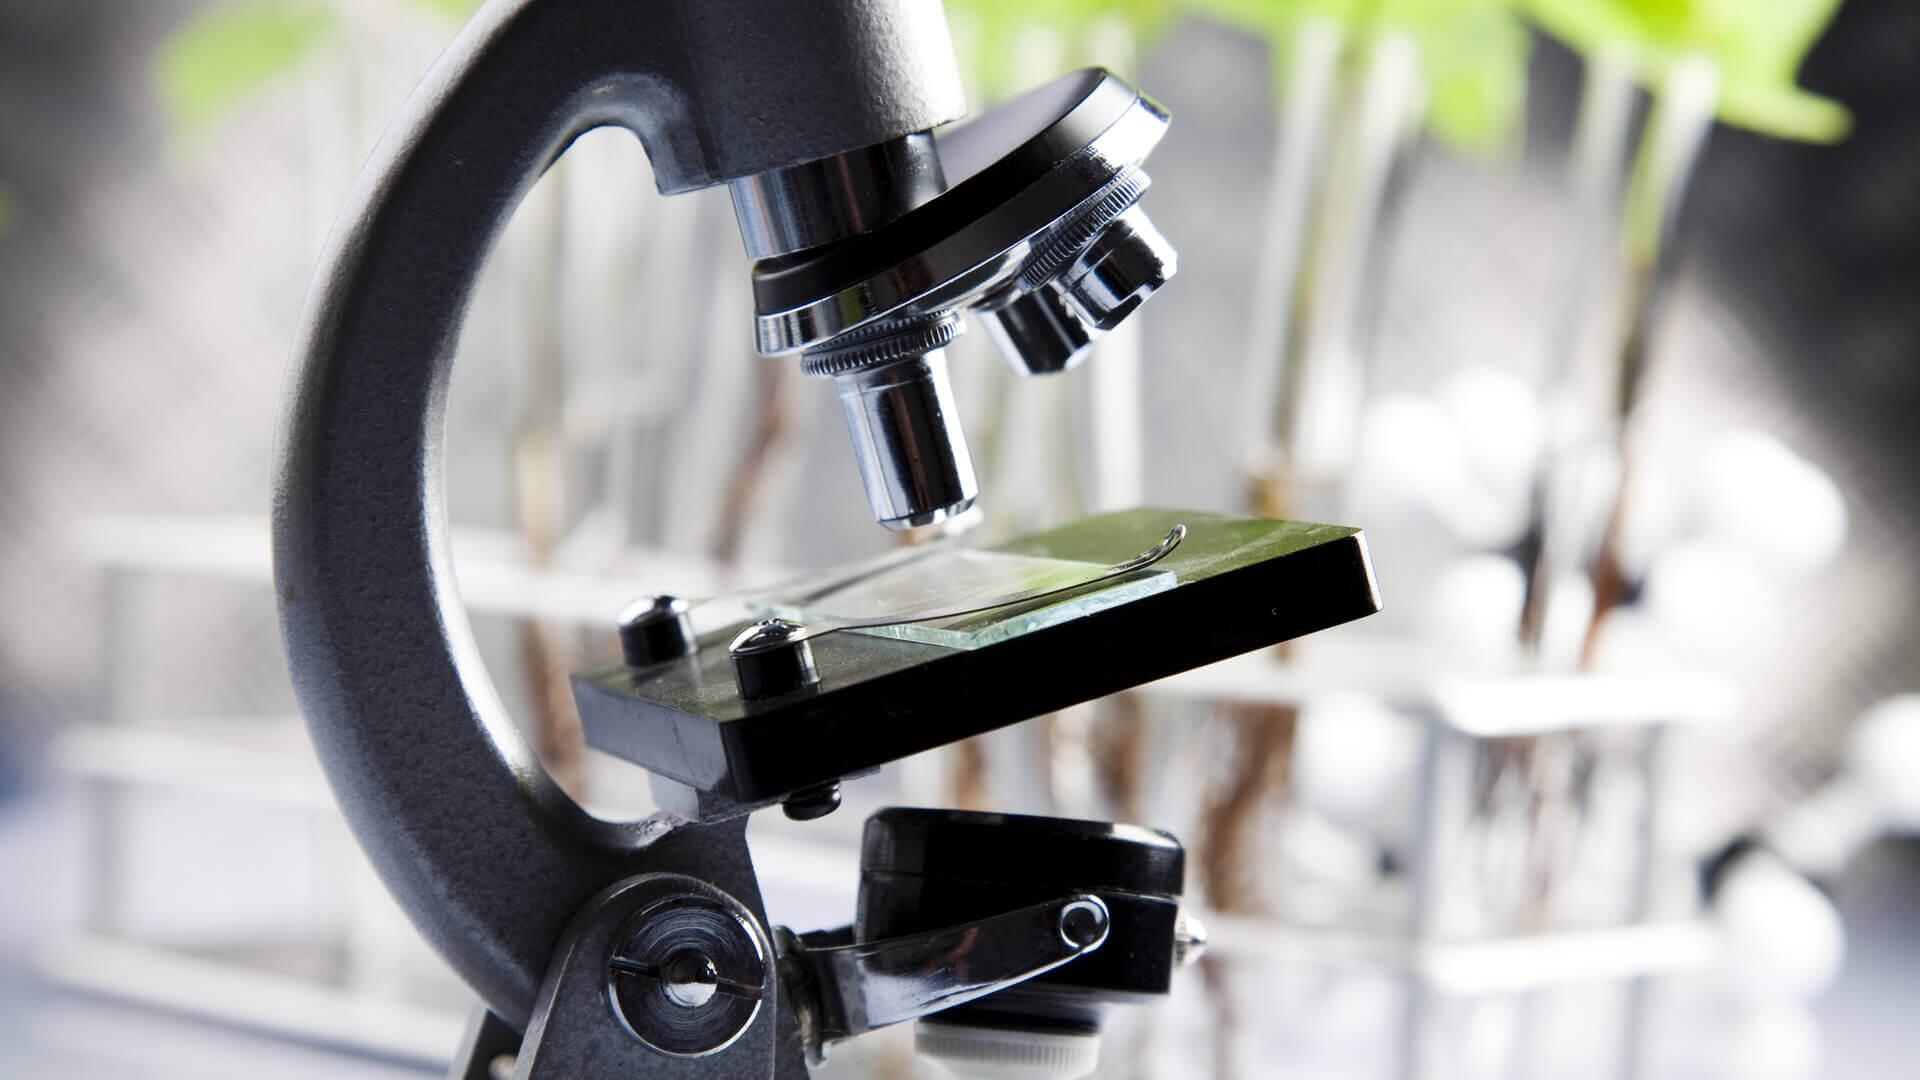 Testverfahren in der Biologischen Medizin: was kommt auf mich zu?